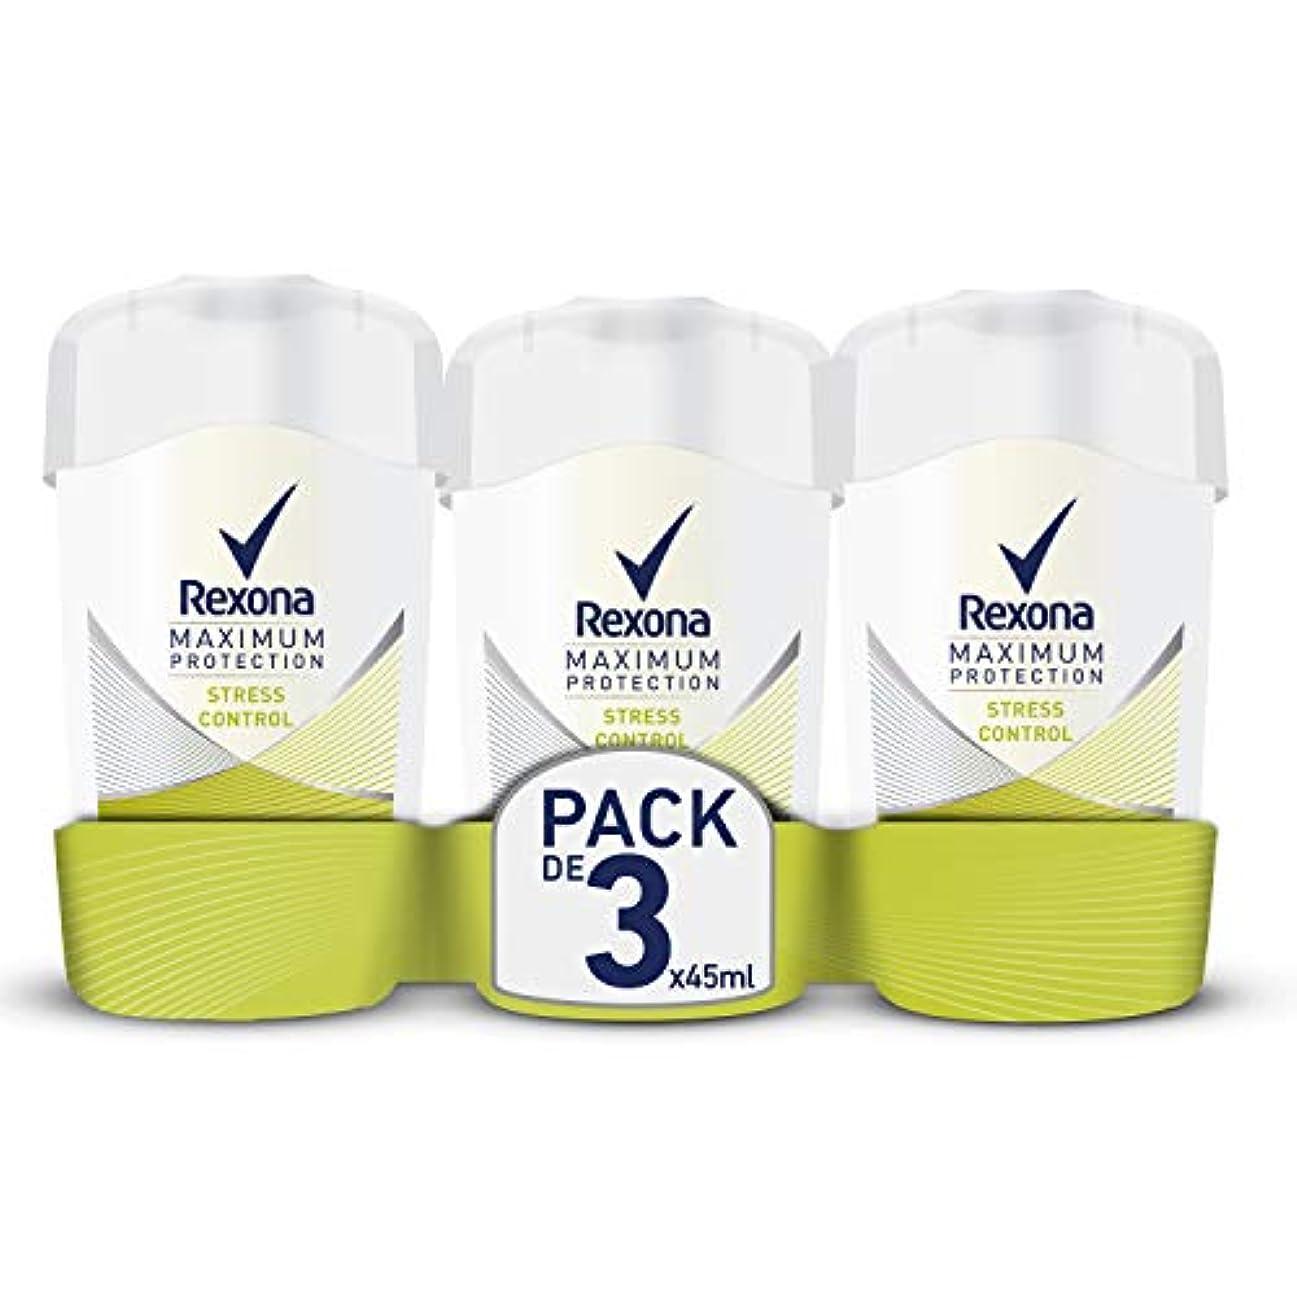 ピクニックパス中止します3本セット Rexona レクソナ デオドラント クリーム Maximum Protection Stress Control 45ml【並行輸入品】